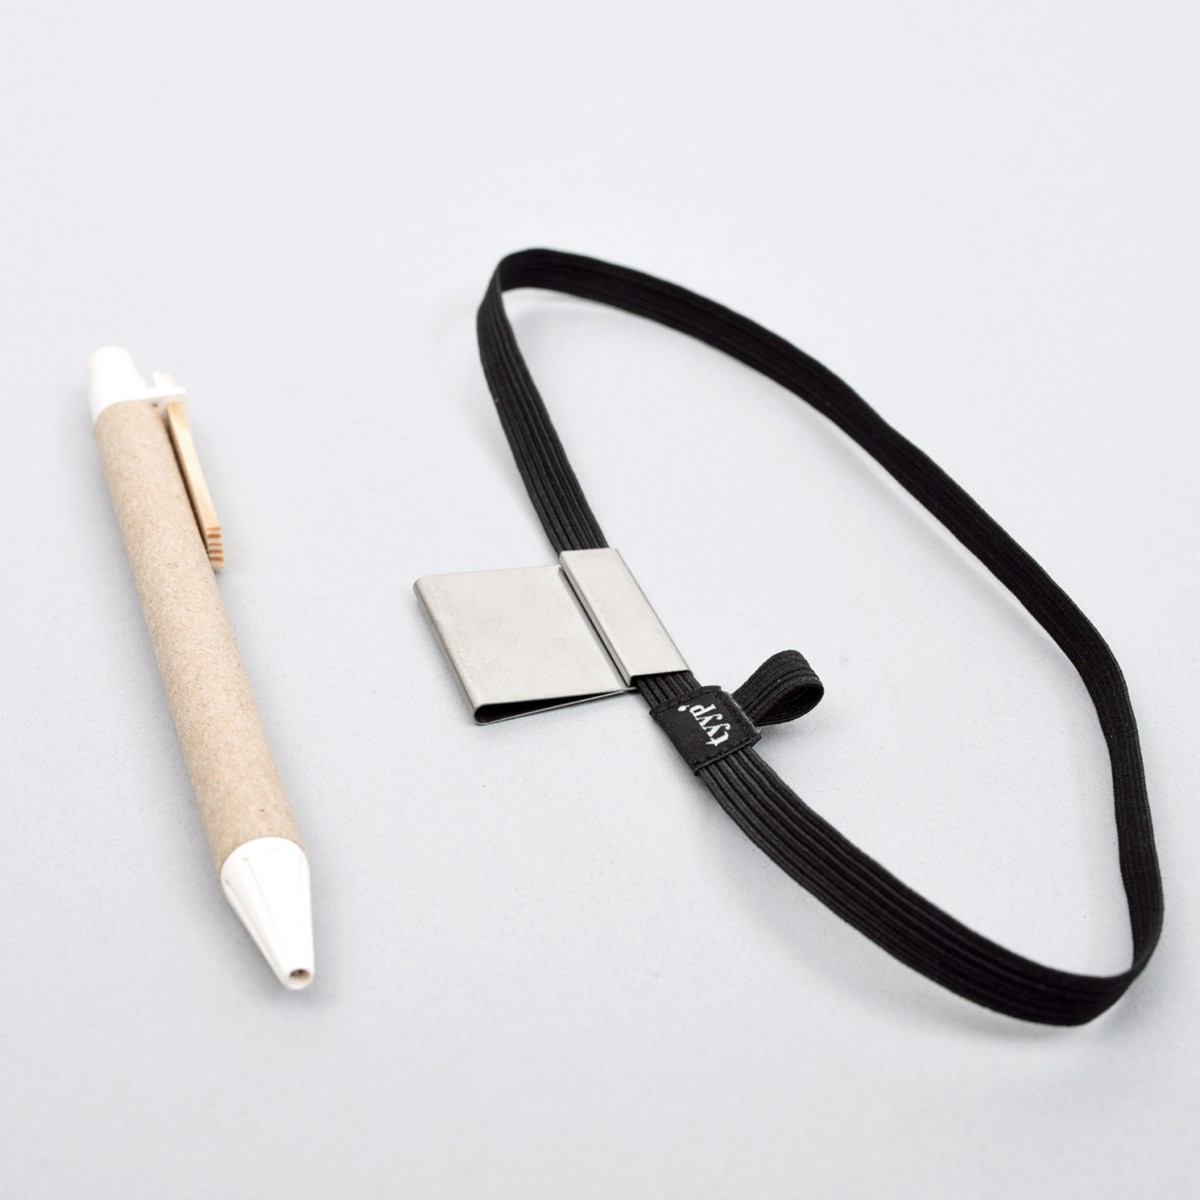 Stifthalter & Gummiband für DIN A4, A5 und A6 (Pen loop)